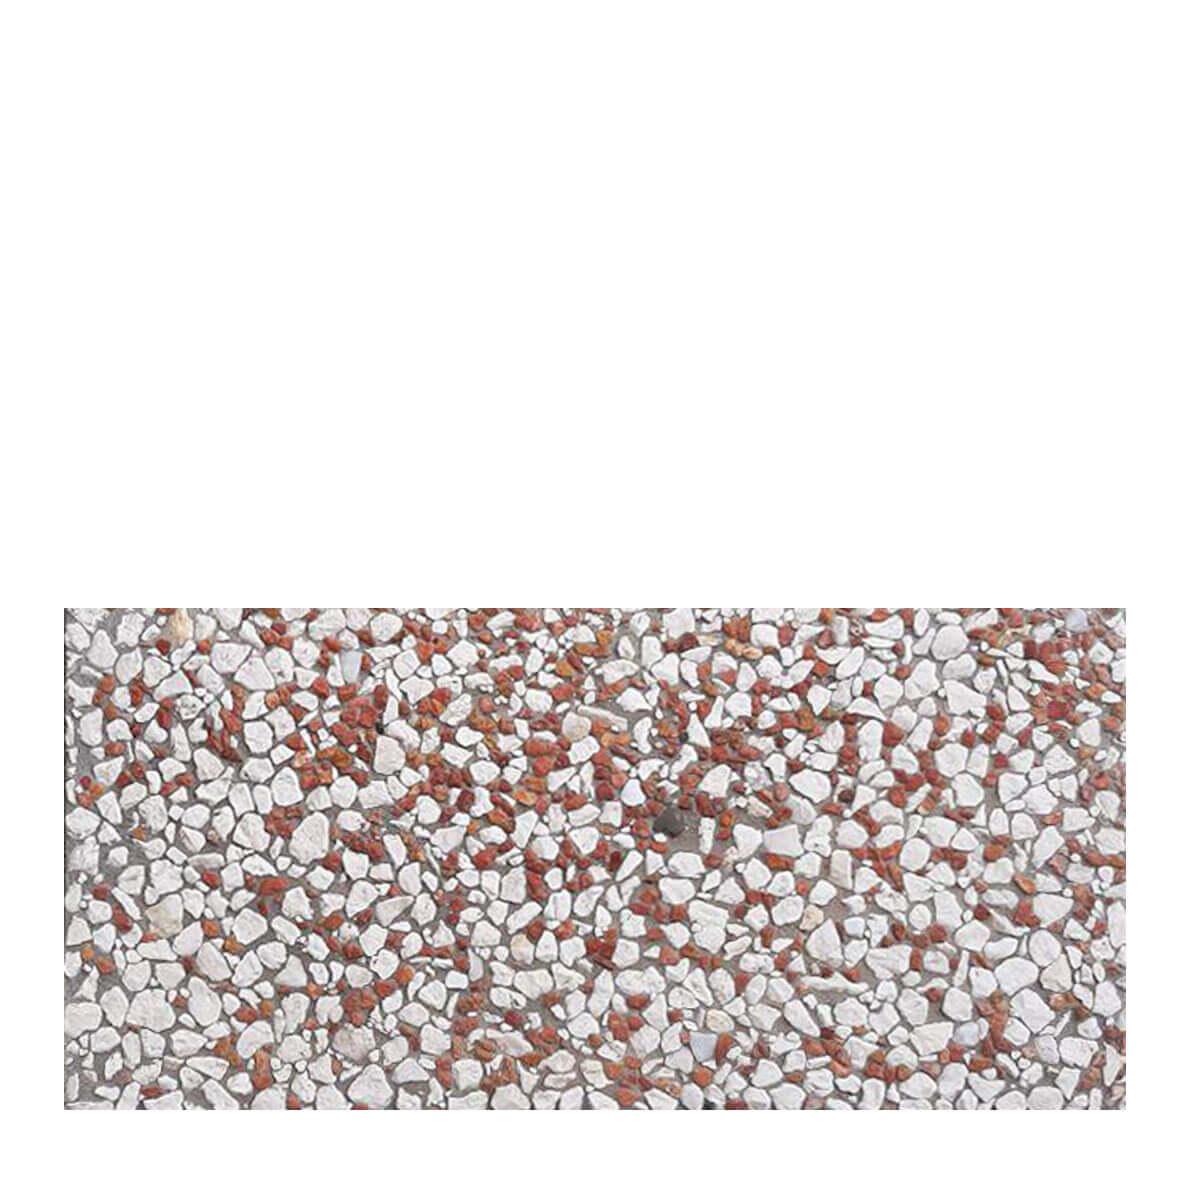 قیمت موزاییک واش بتن سنگ قرمز سفید۶۰*۳۰[تیشه]